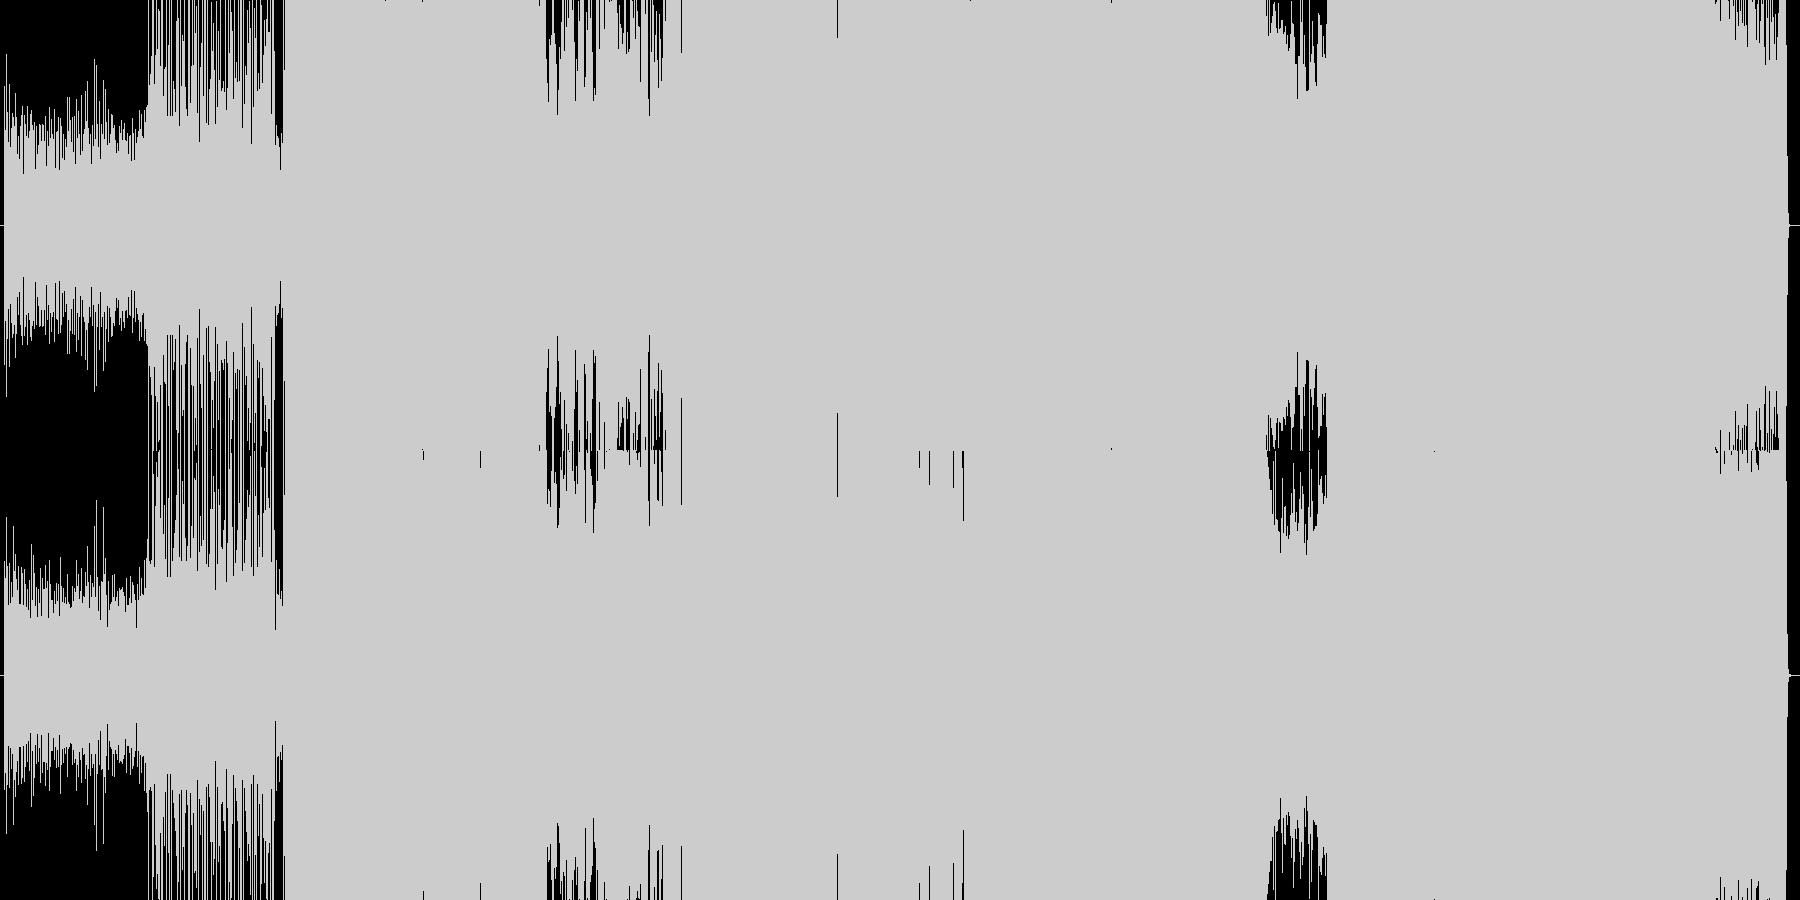 コミカルなアップテンポのガールズロックの未再生の波形